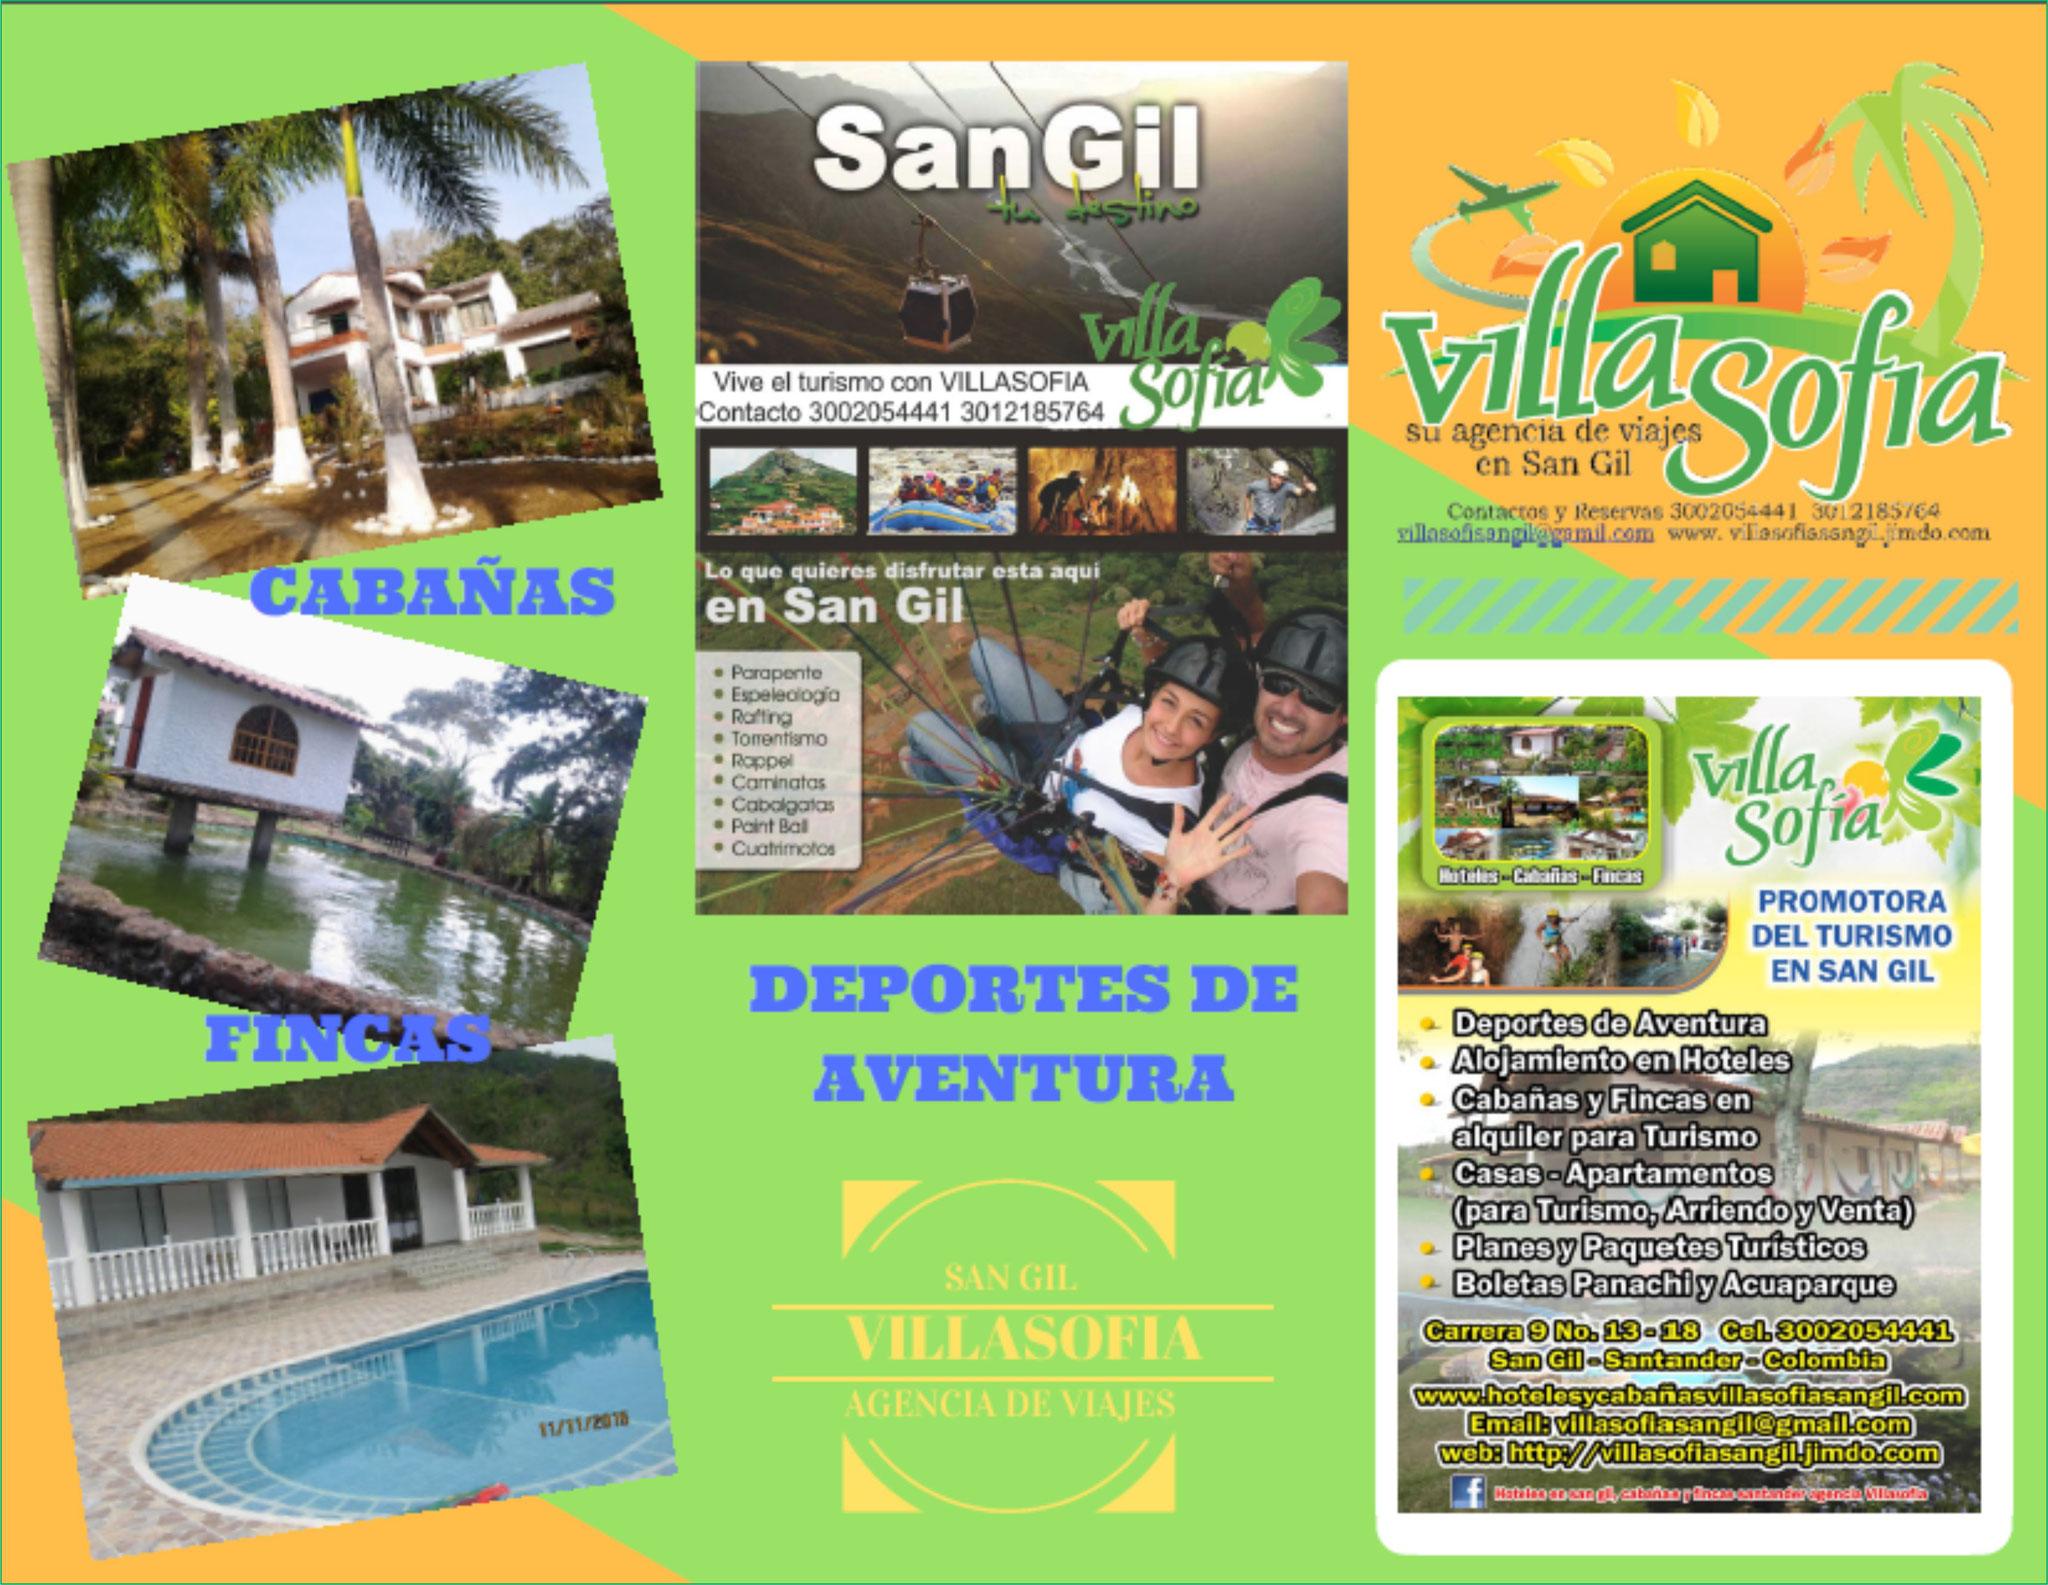 Hoteles Cabañas  apartamentos fincas casas para turismo en san gil ... alojamientos de calidad para turistas de calidad, san gil santander colombia, Barichara